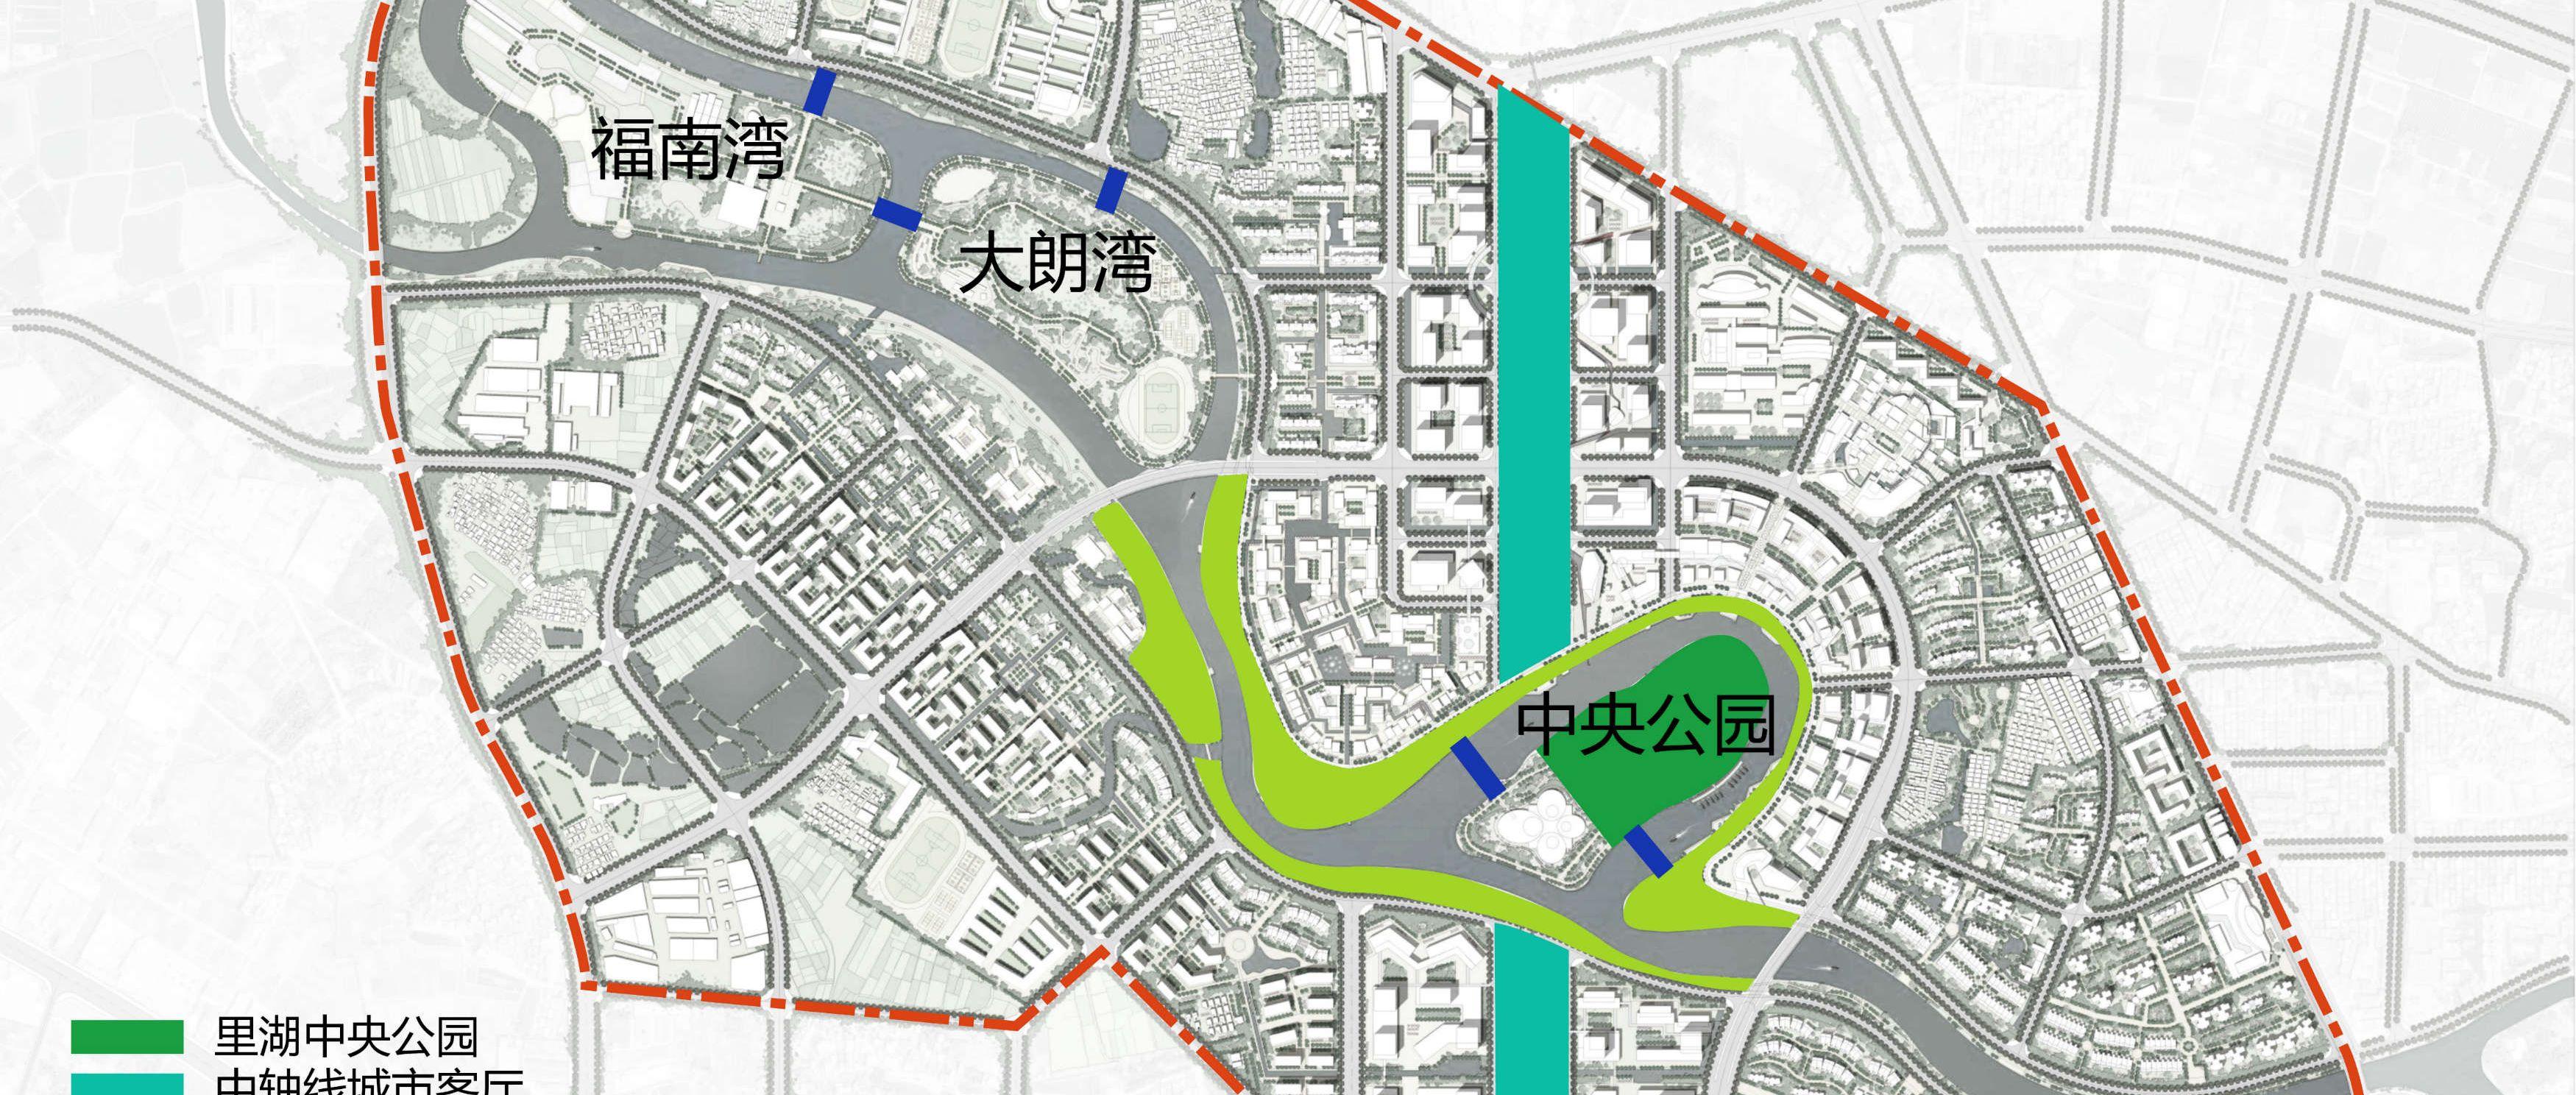 里湖新城核心区景观方案设计国际竞赛